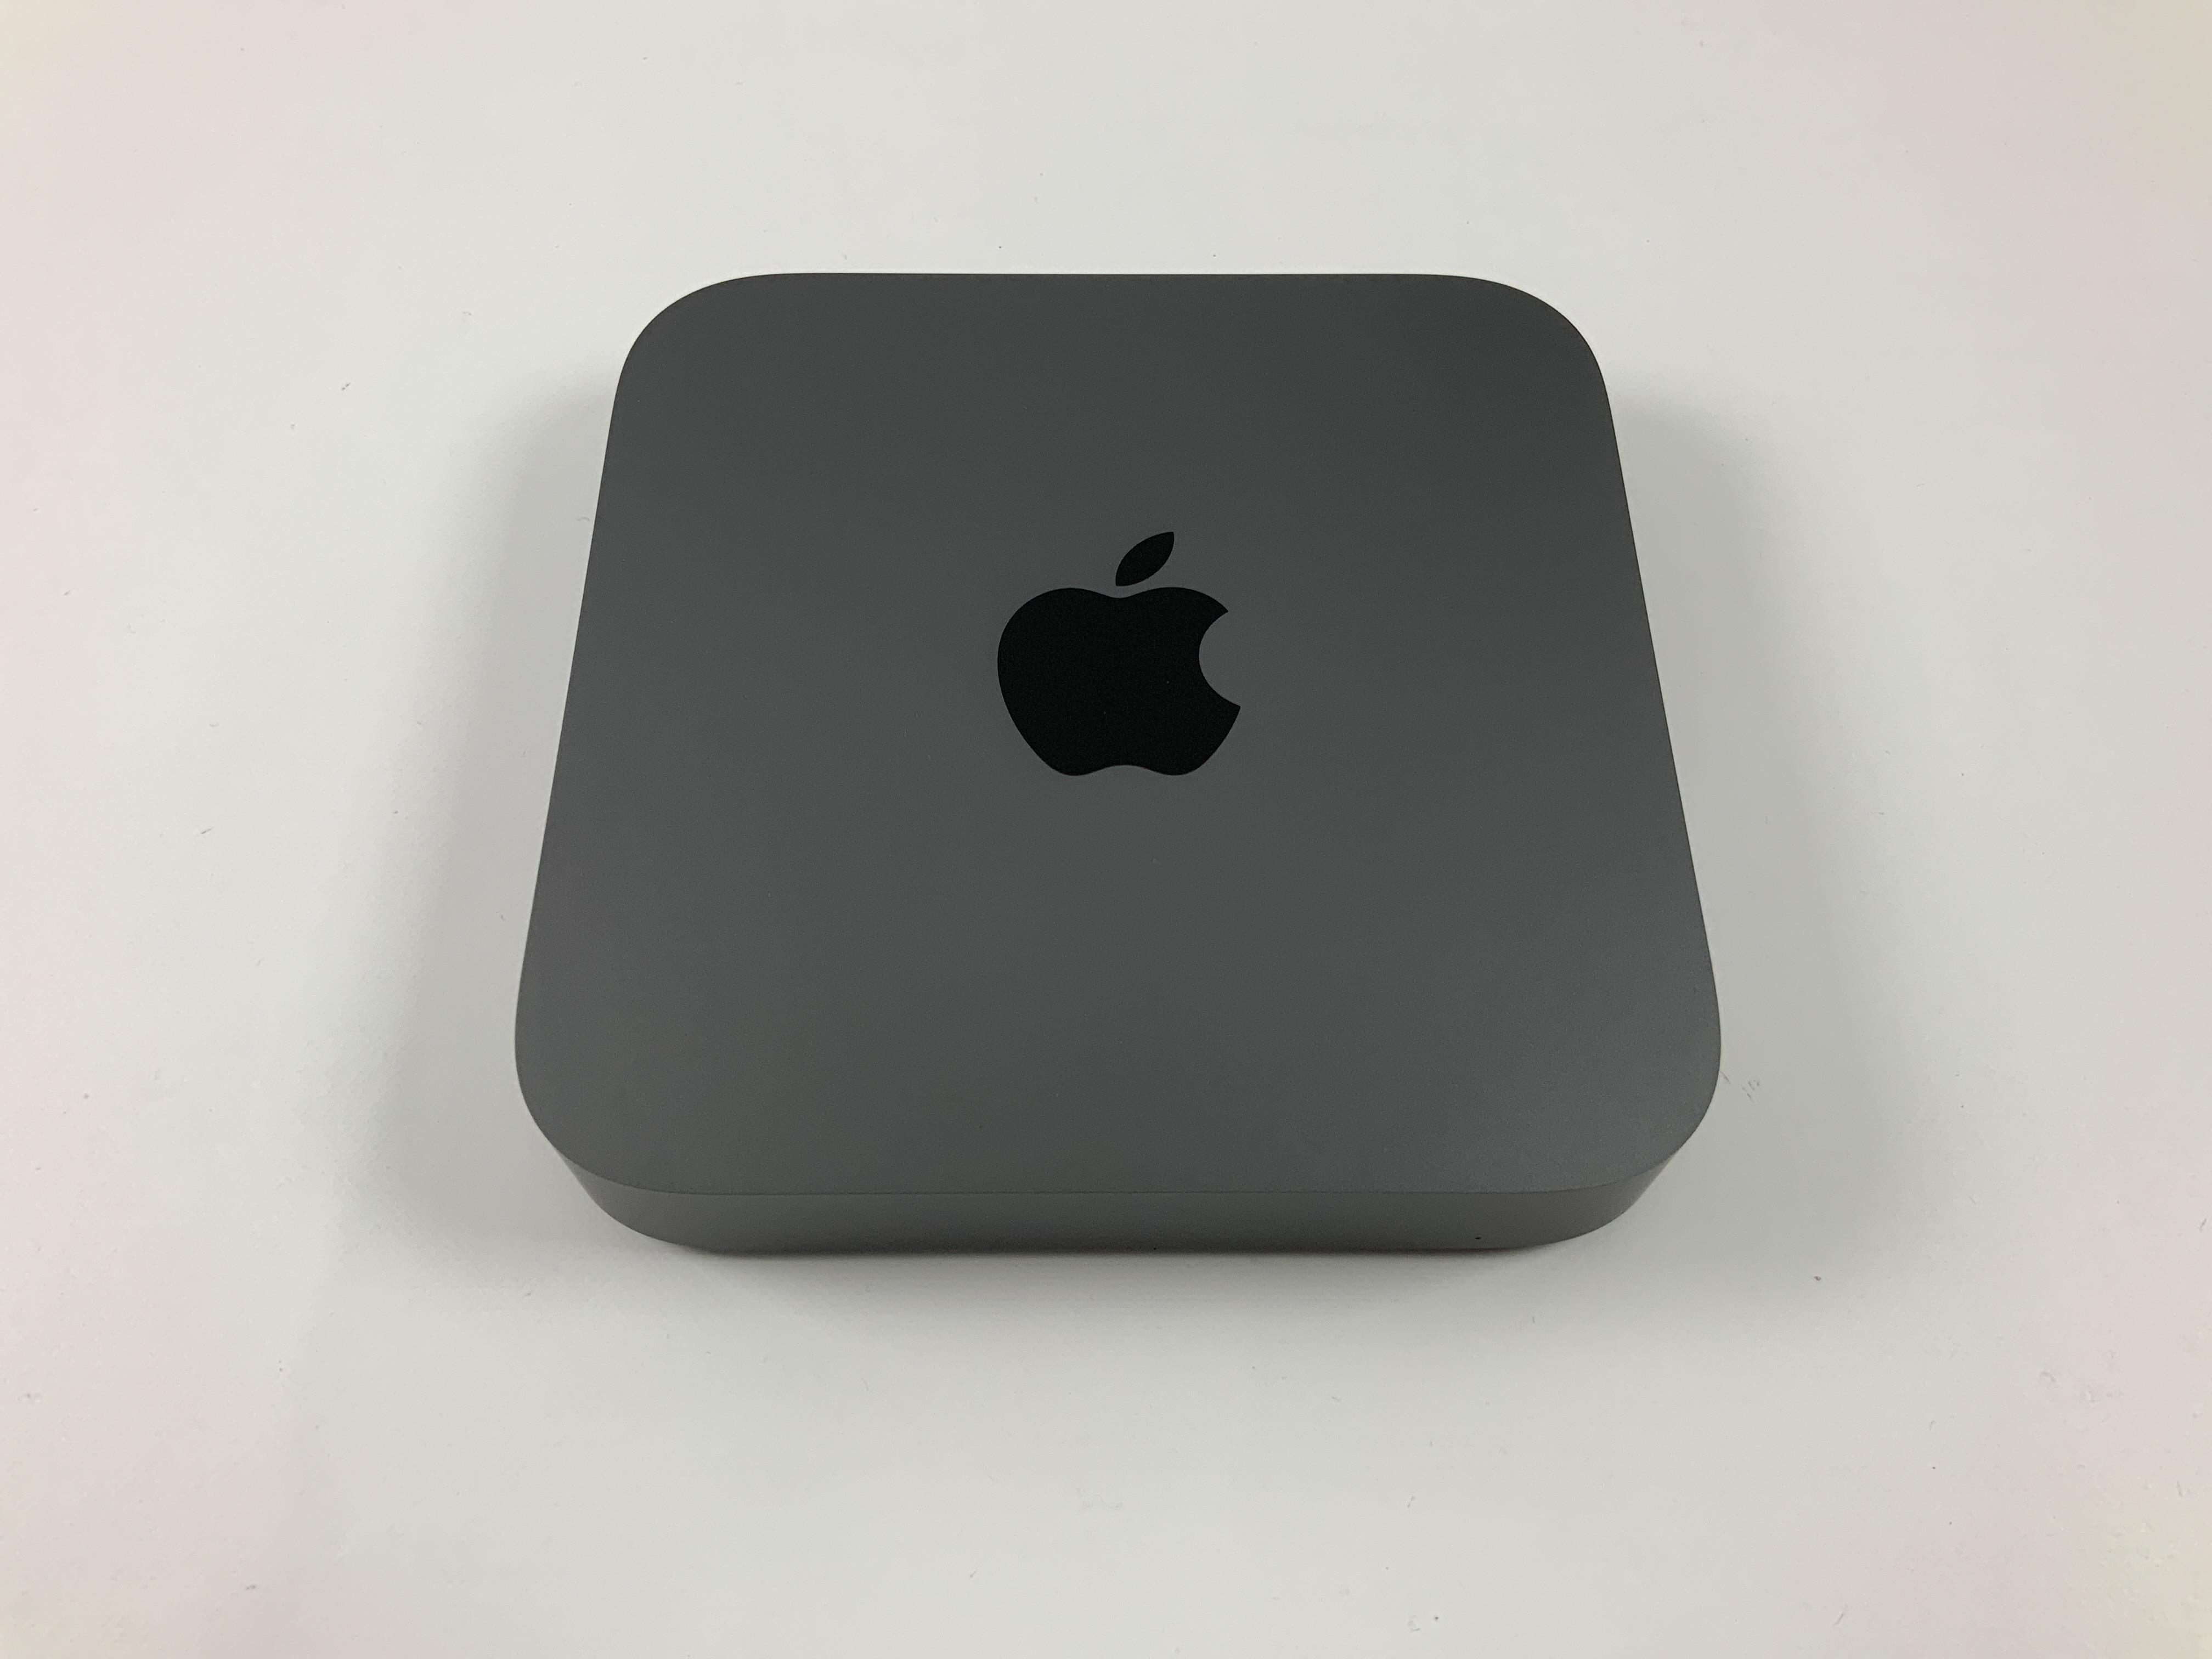 Mac Mini Late 2018 (Intel 6-Core i5 3.0 GHz 32 GB RAM 256 GB SSD), Intel 6-Core i5 3.0 GHz, 32 GB RAM, 256 GB SSD, bild 1